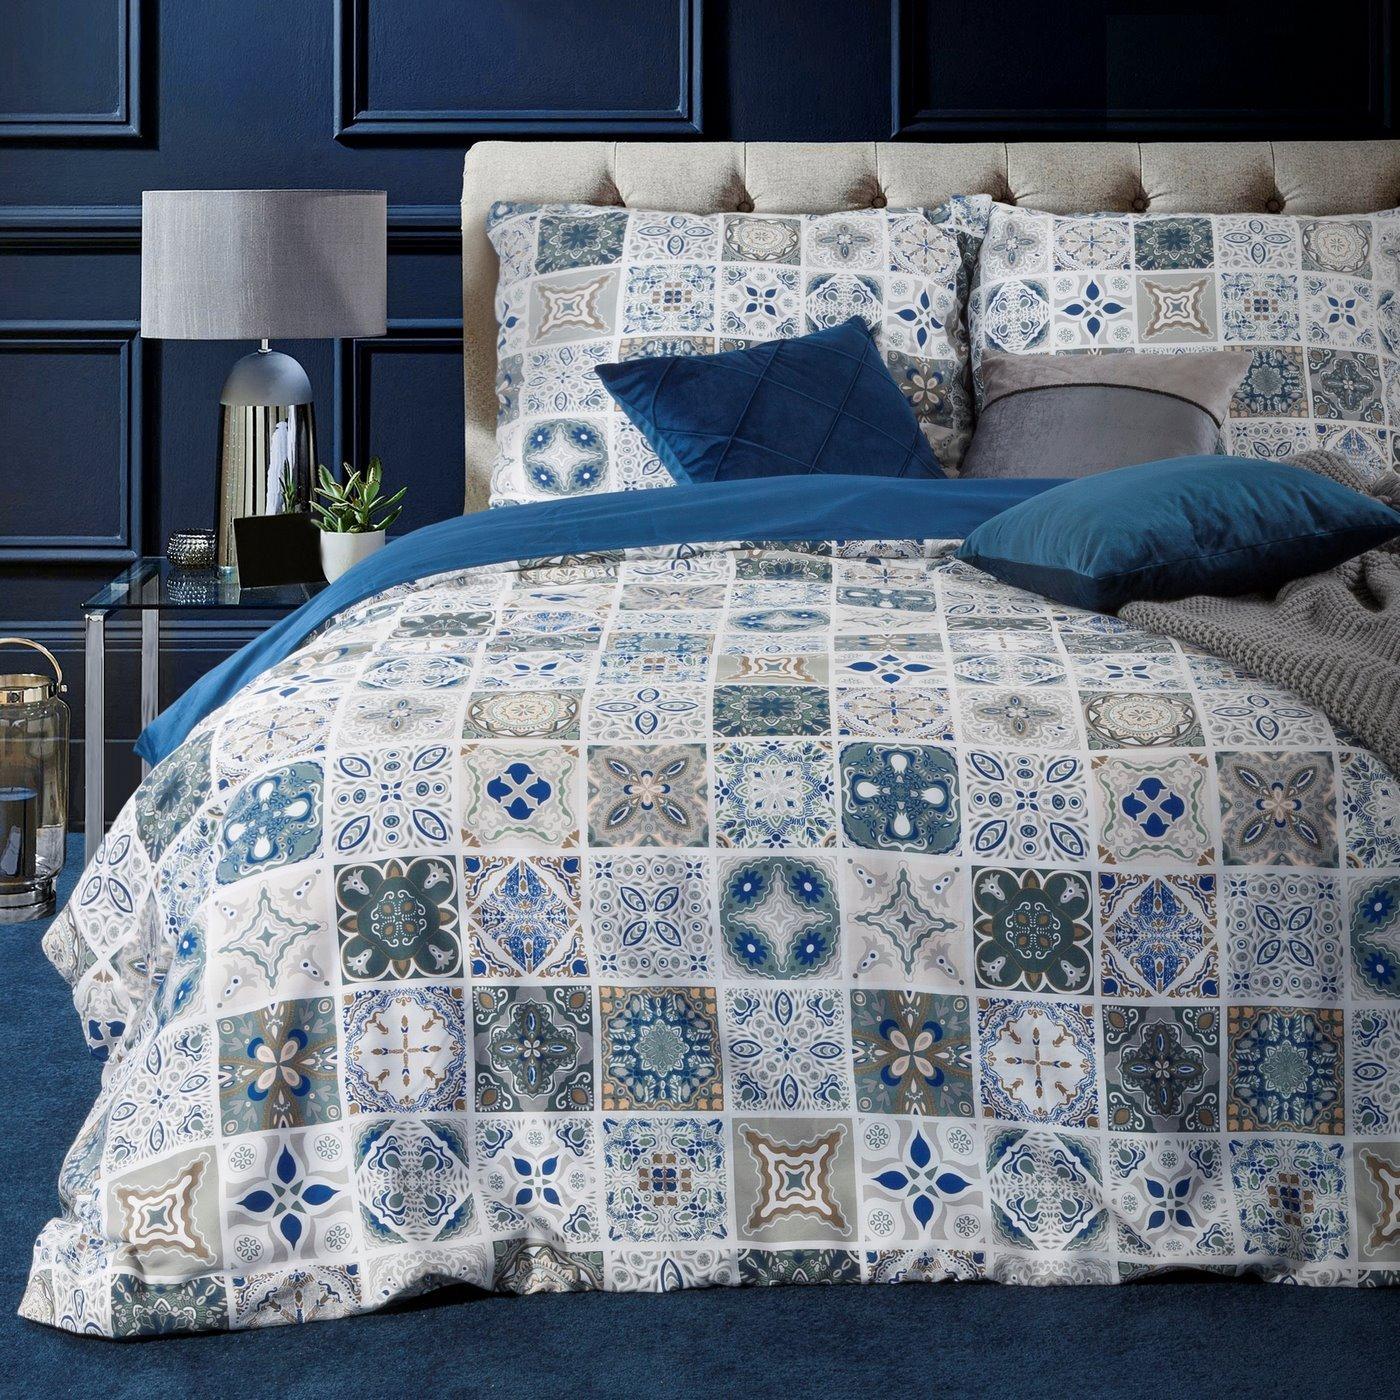 Komplet pościeli satynowej 220 x 200 cm, 2szt. 70 x 80 cm, biała niebieska, azul